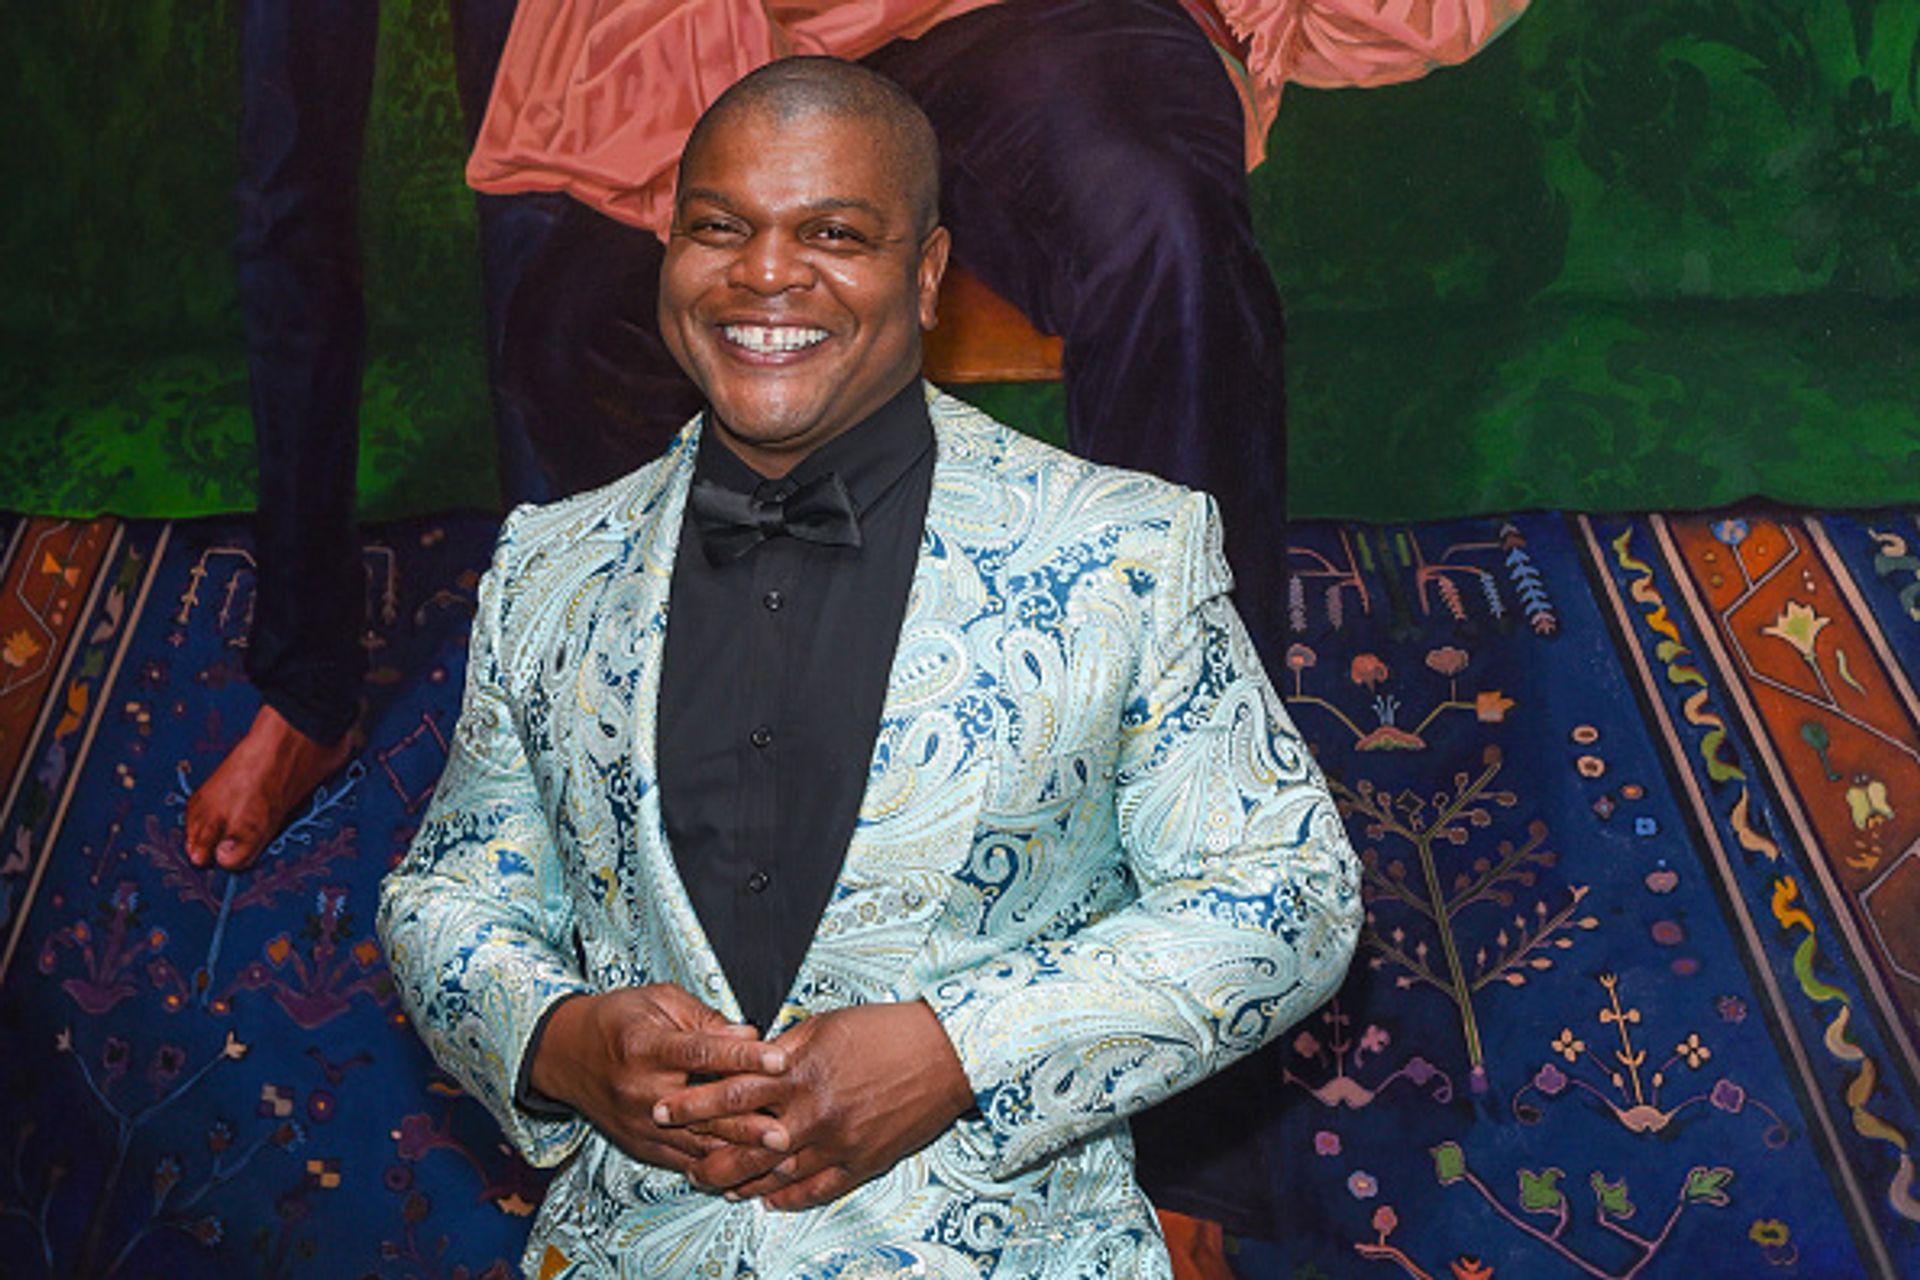 Kehinde Wiley Presley Ann/Patrick McMullan via Getty Images